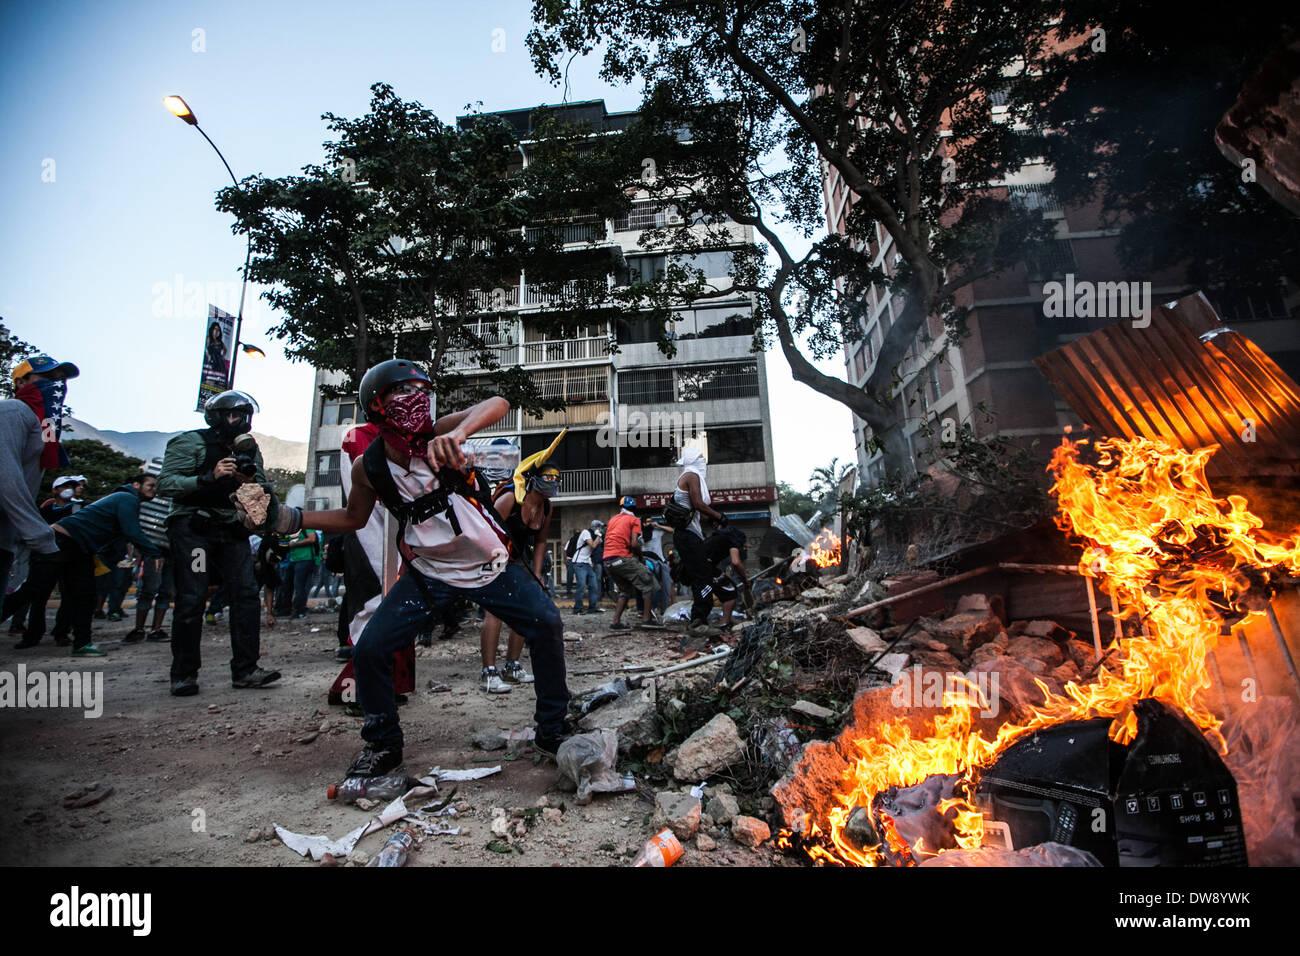 Caracas, Venezuela. 3 Mar 2014. I dimostranti gettare pietre in uno scontro contro la Bolivariana Polizia nazionale durante una manifestazione di protesta in Altamira, a est di Caracas, Venezuela, il 3 marzo 2014. Credito: Boris Vergara/Xinhua/Alamy Live News Immagini Stock